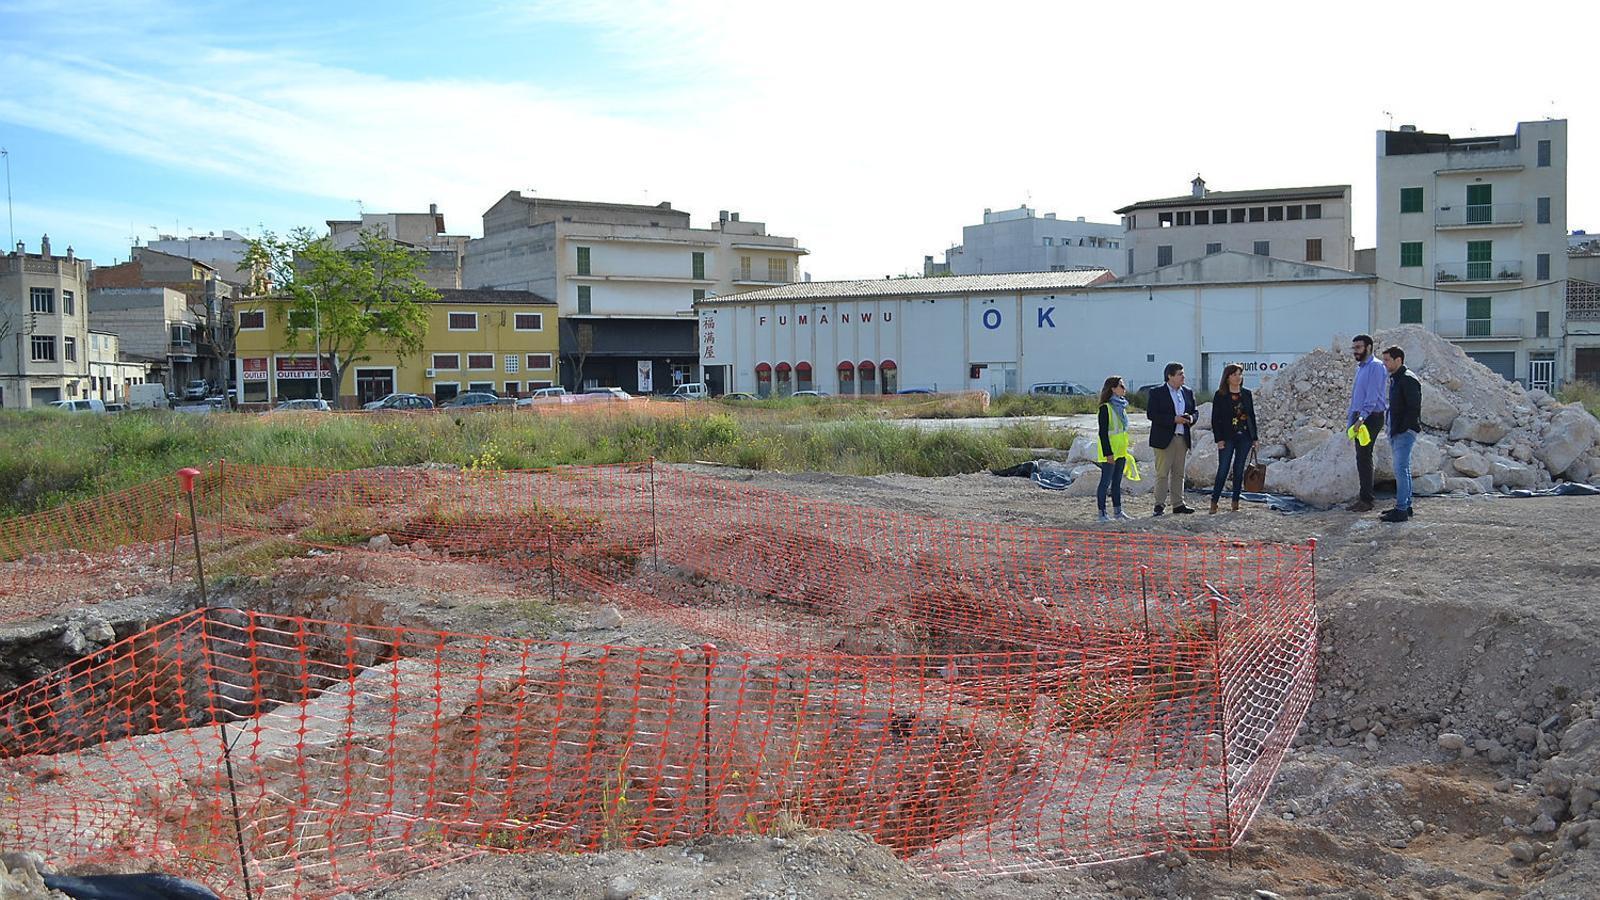 ZONA AMB RESIDUS PERILLOSOS  La illeta Majorica acollí la vella fàbrica i ha passat un procés de descontaminació.